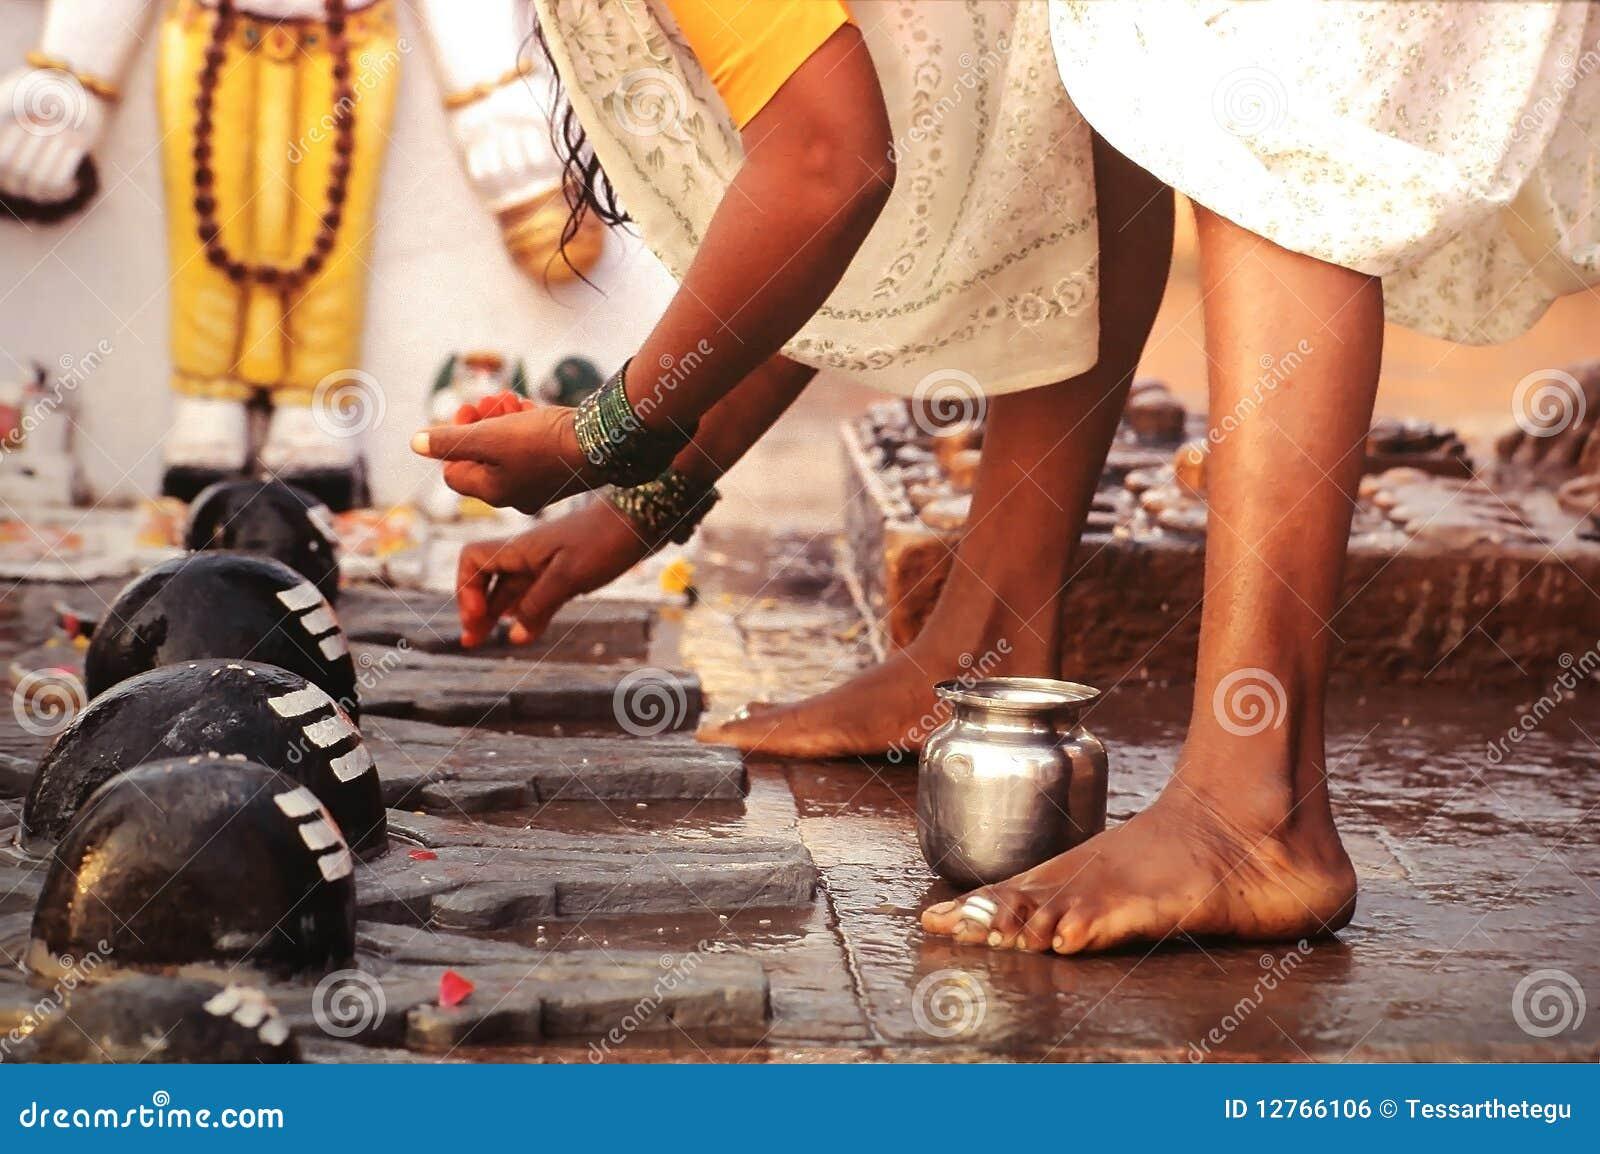 Puja Ritual in Varanasi